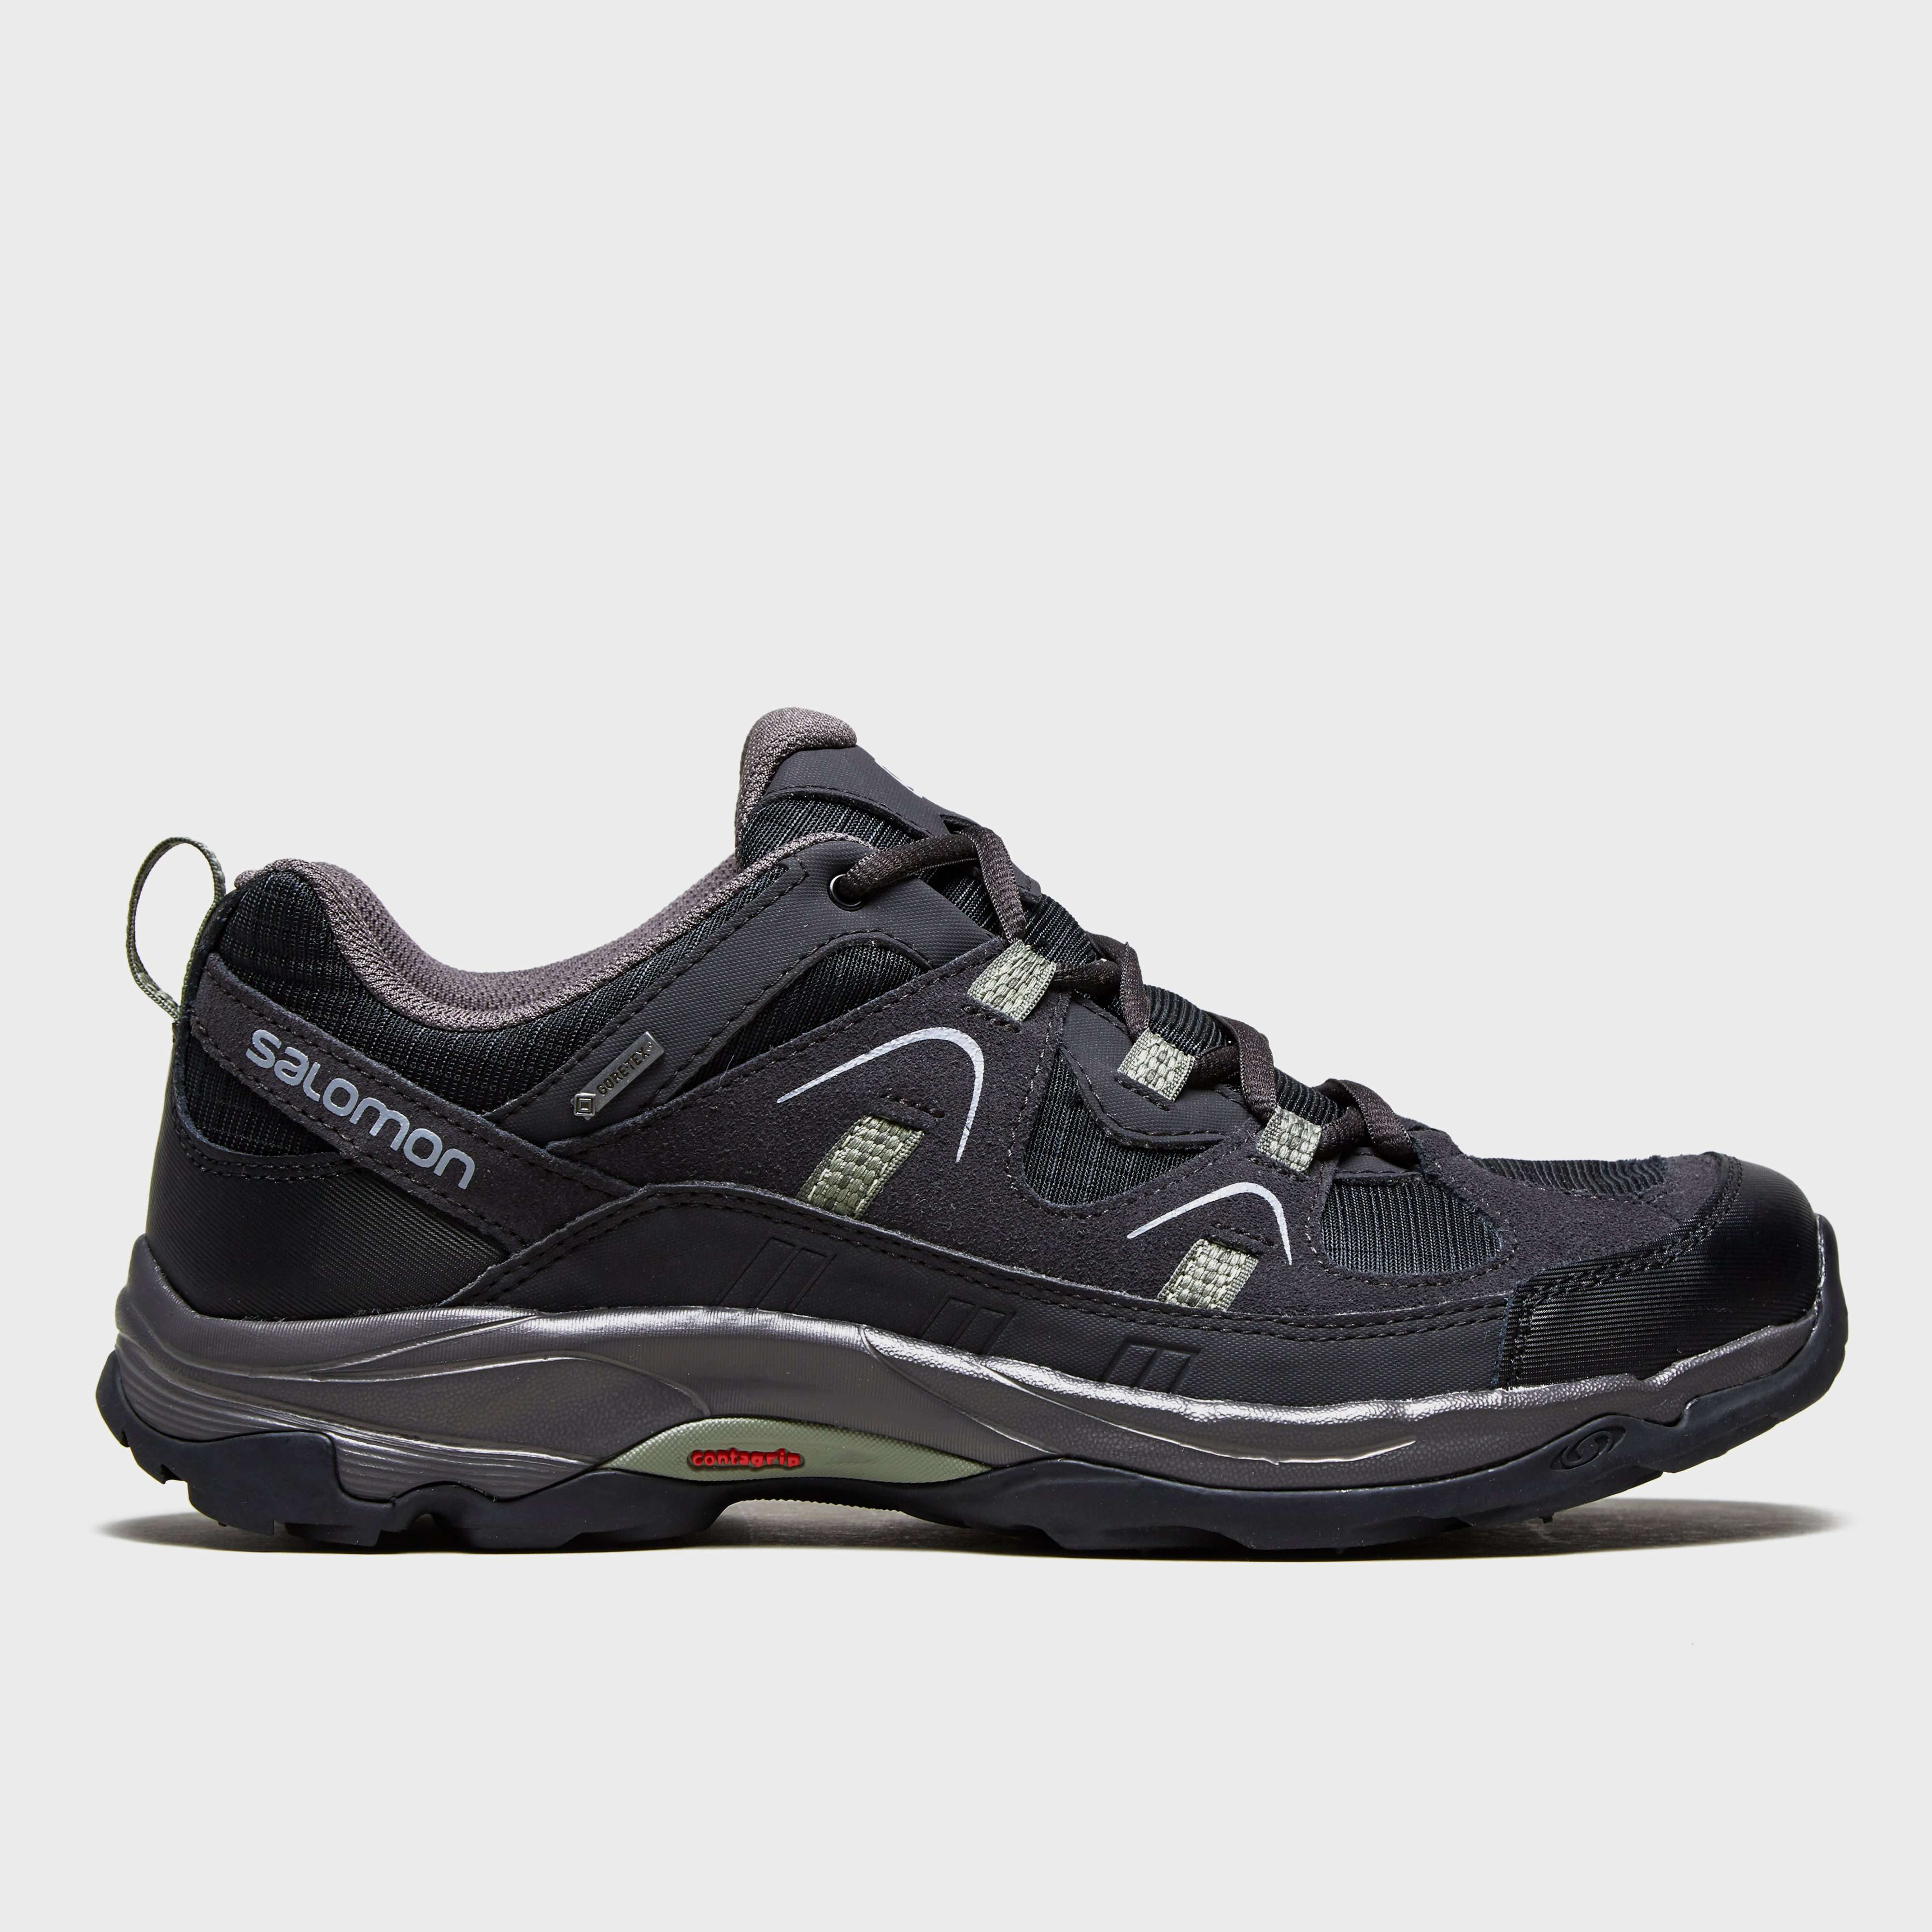 SALOMON Men's Loma GORE-TEX Hiking Shoe